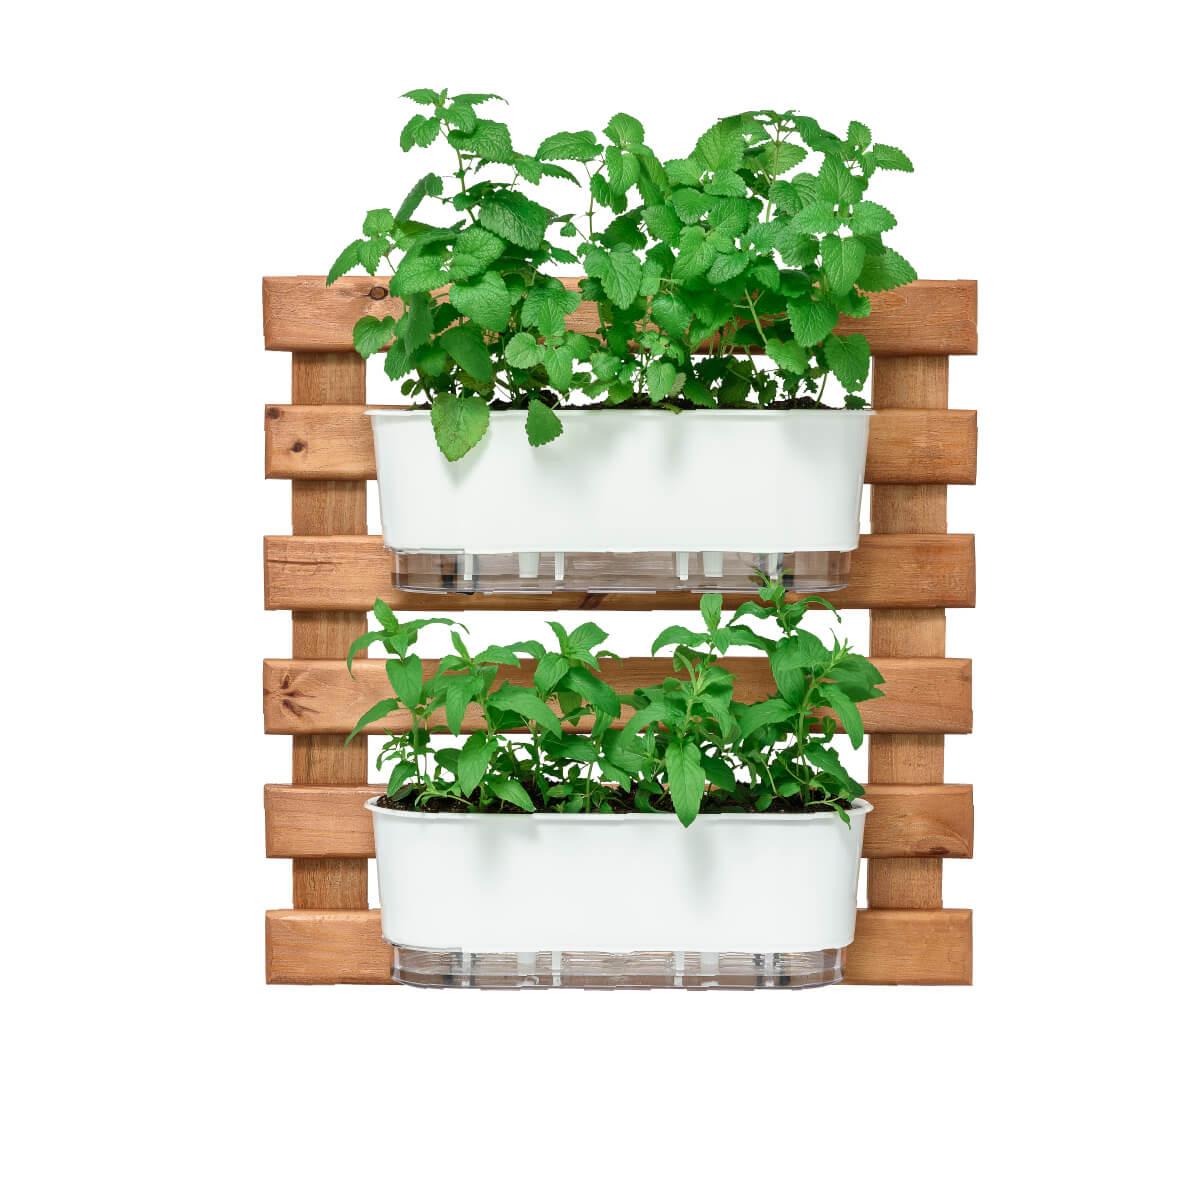 Kit Horta Vertical 60cm x 60cm com 2 Jardineiras  - Vasos Raiz Loja Oficial